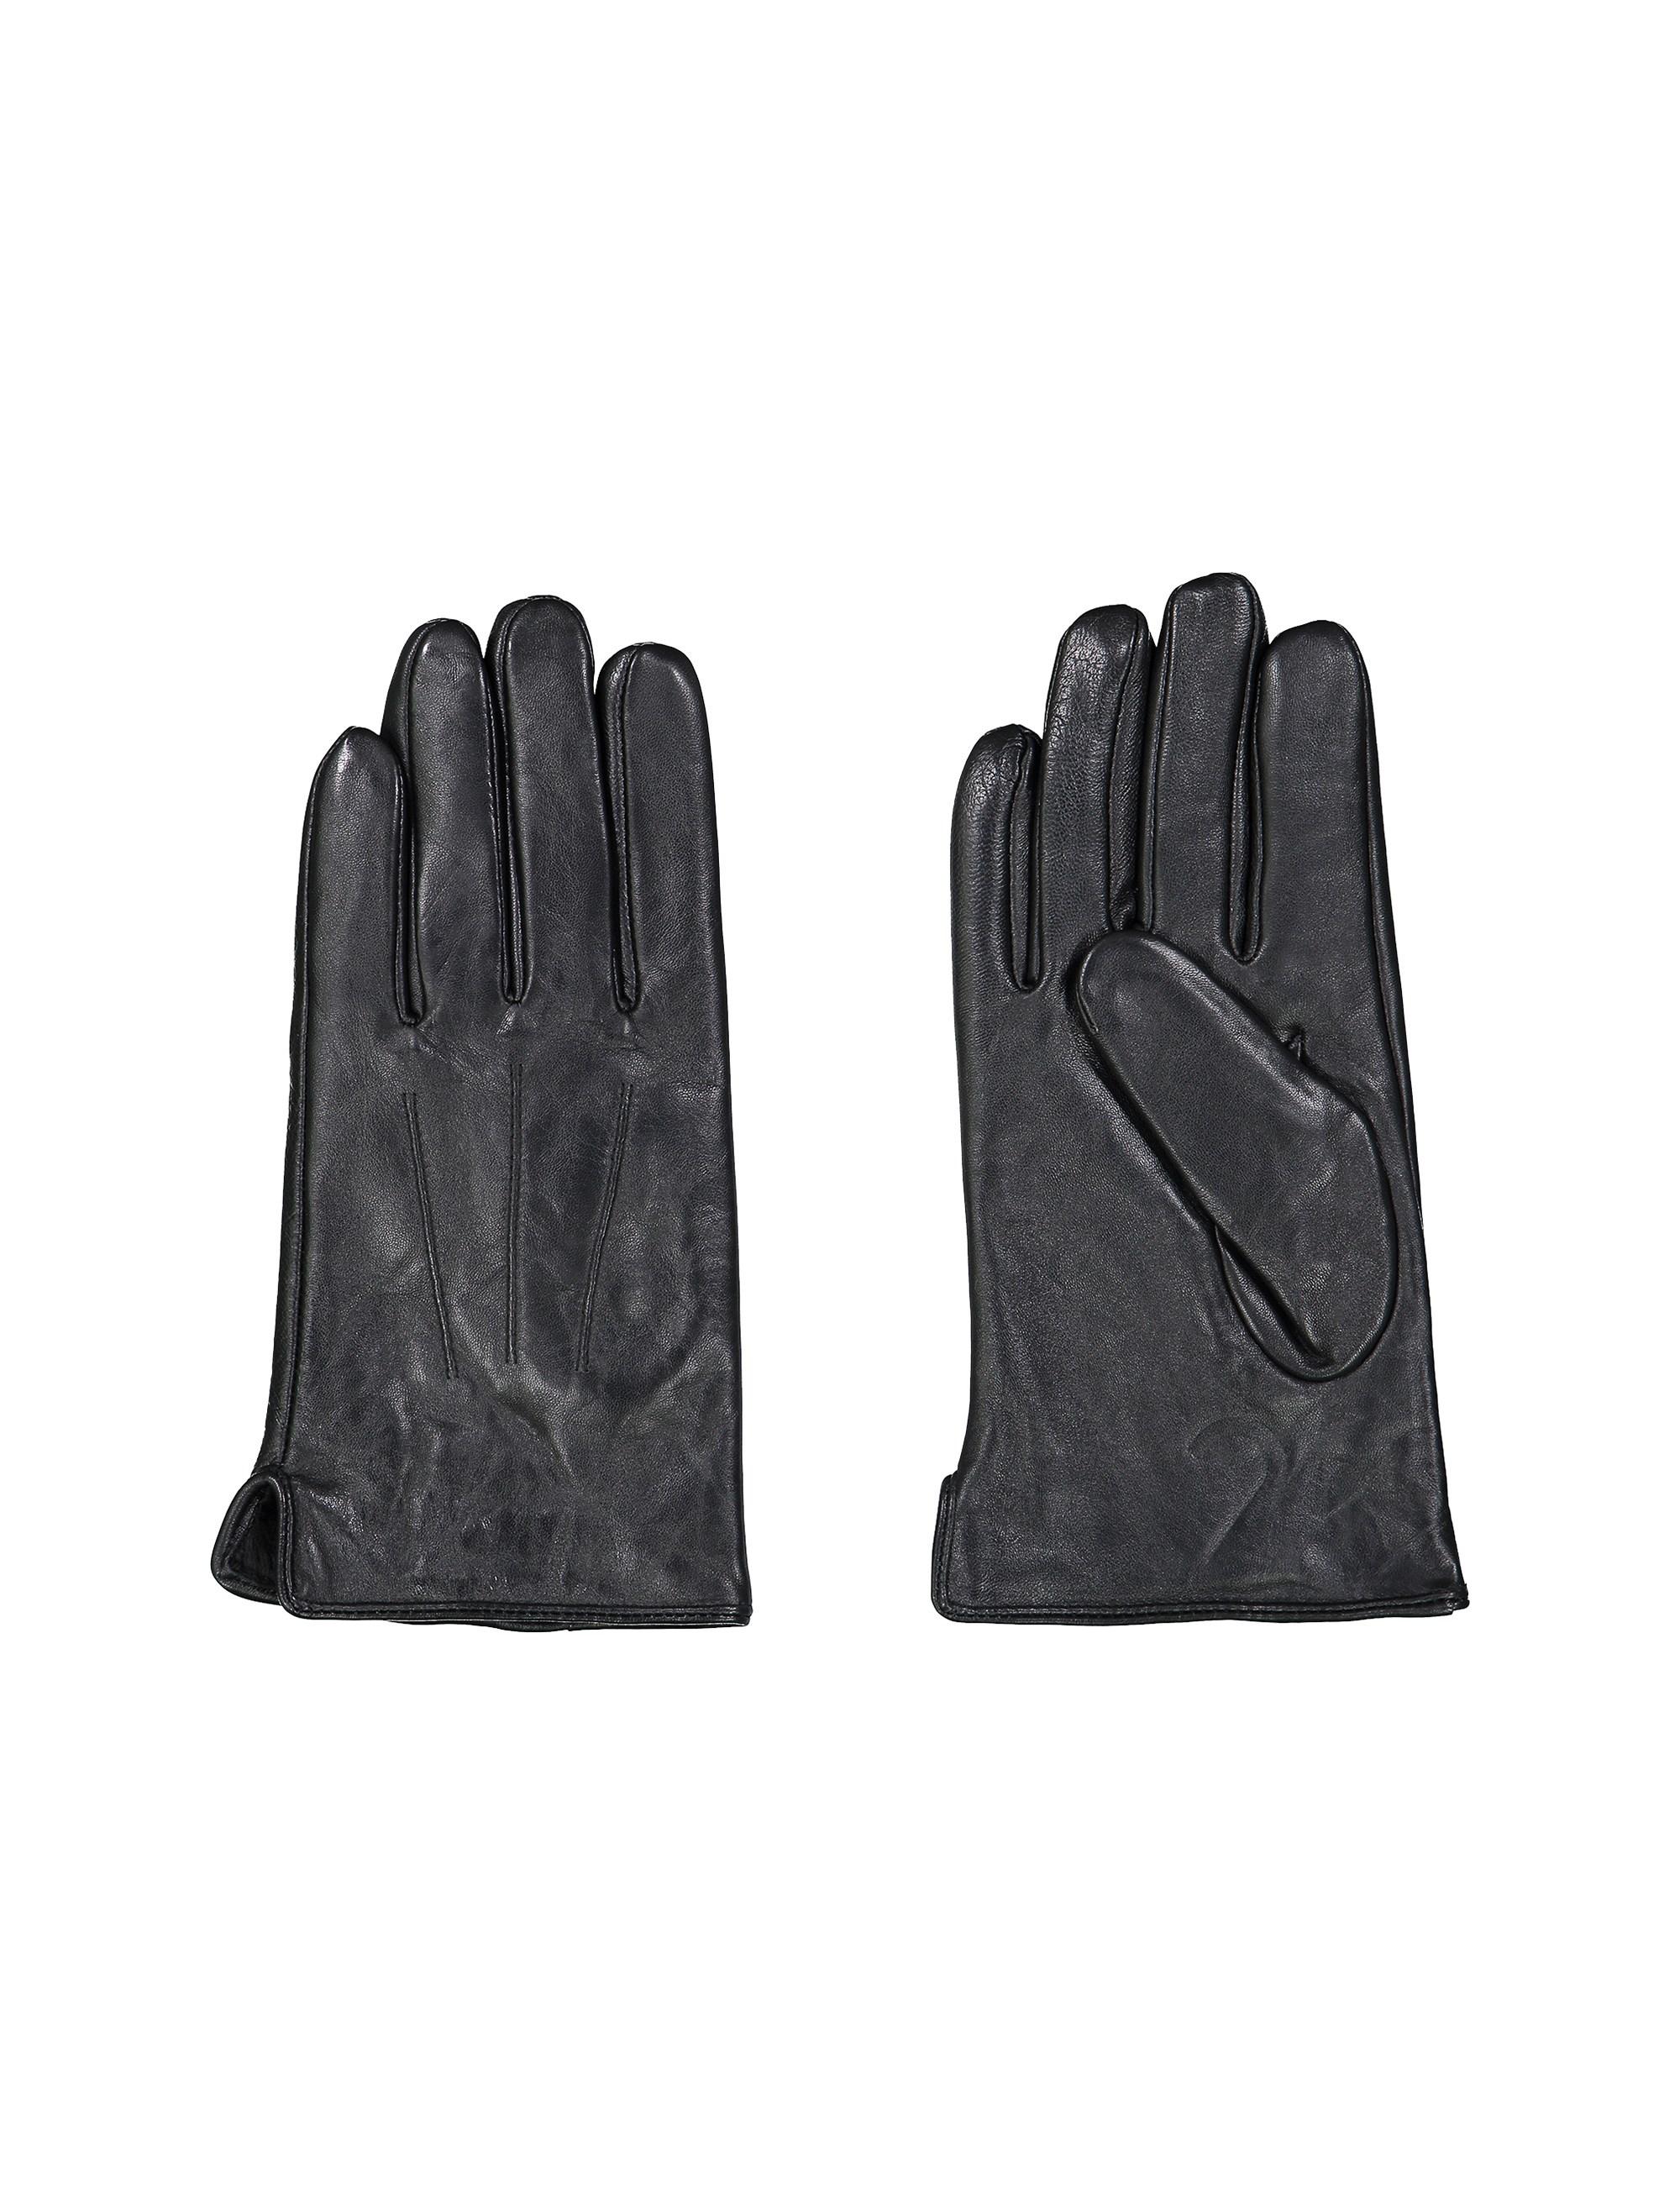 دستکش چرم مردانه - سلیو